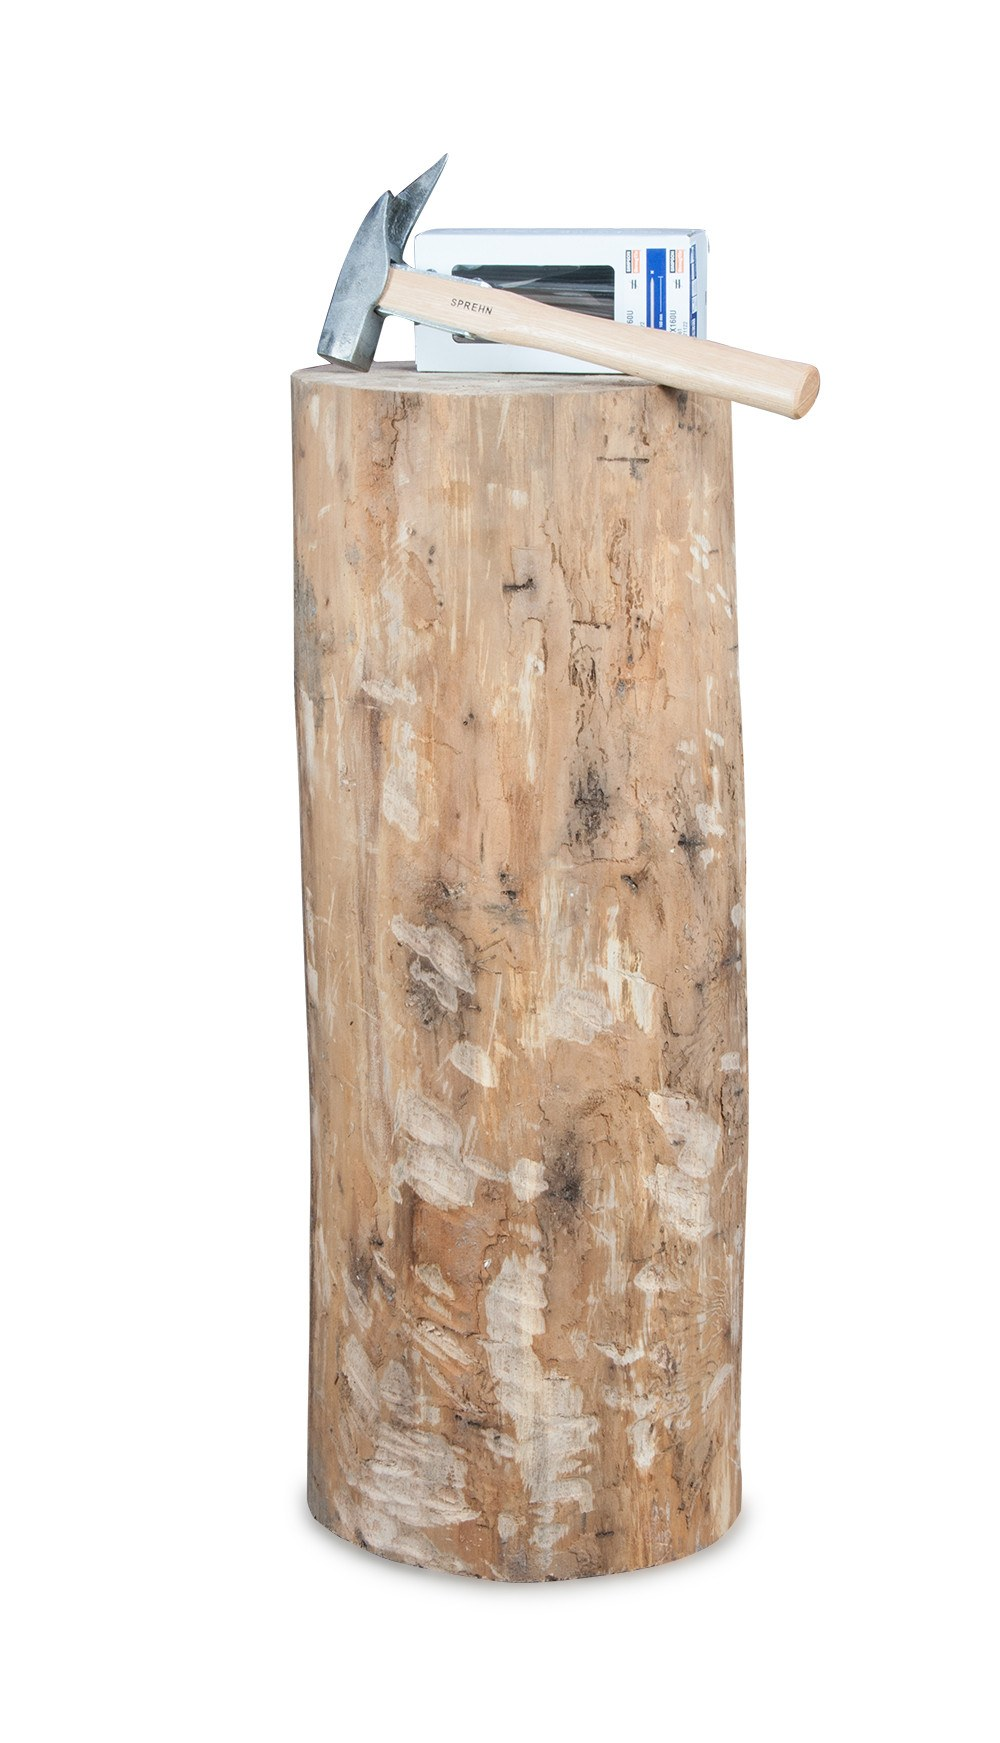 Slå søm i træstub - pakke med stub, hammer og søm